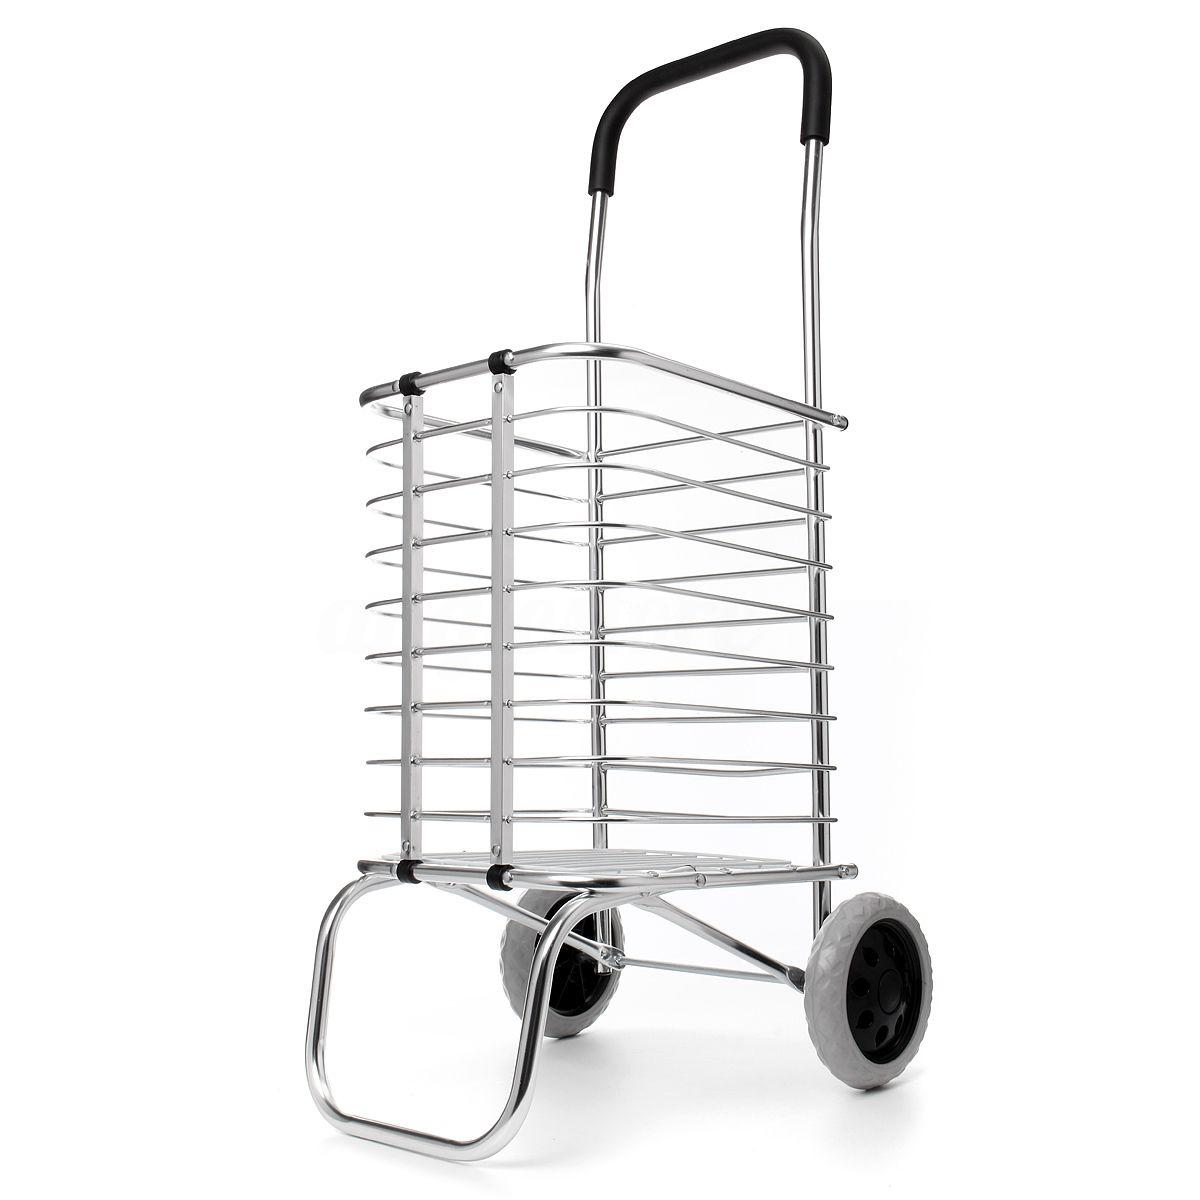 Carrinho de Compras Dobravel Aluminio Feira 2 Rodas Portatil